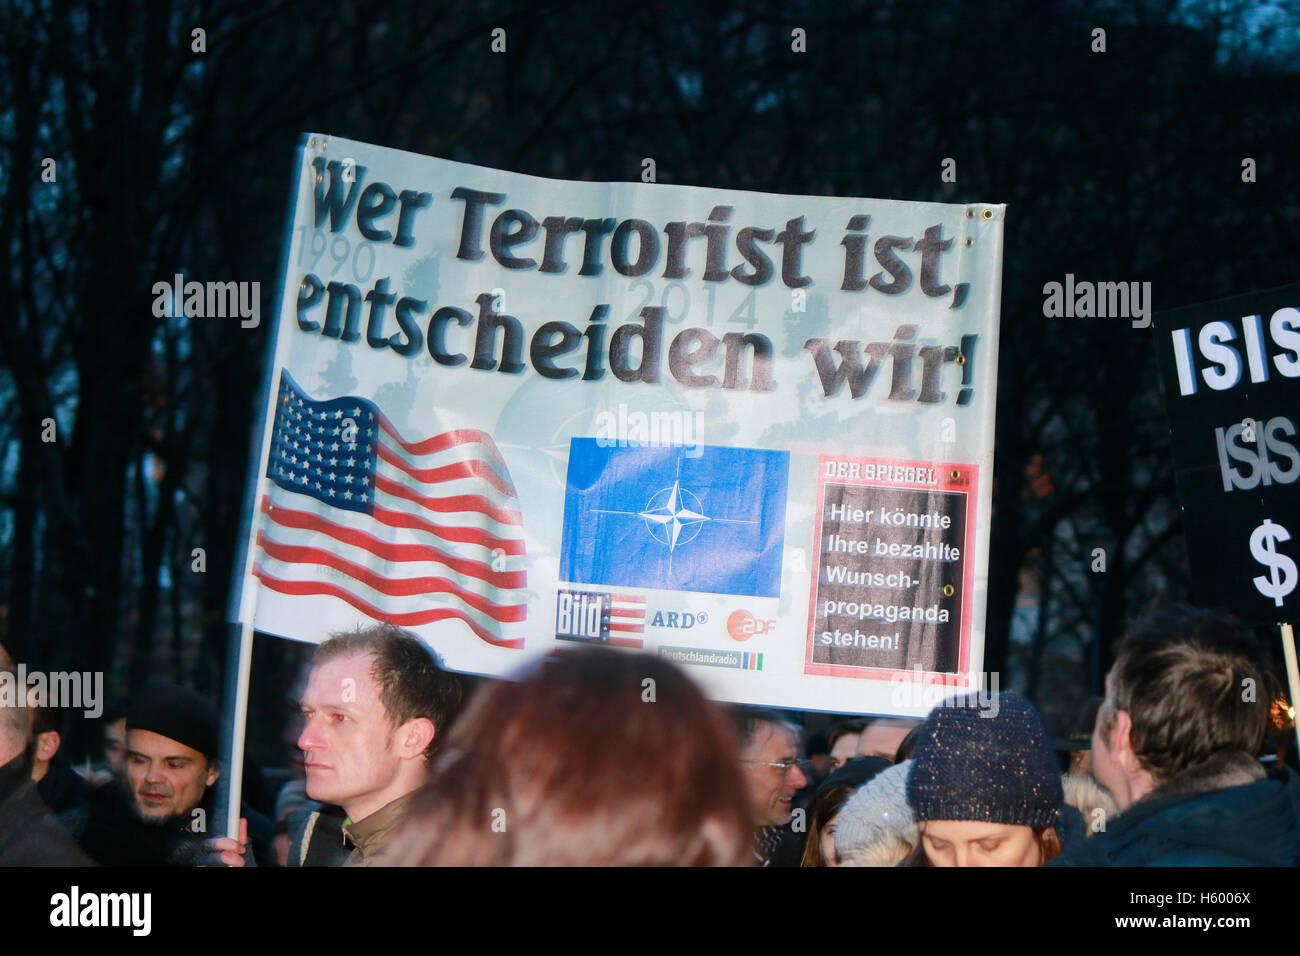 'Wer Terrorist ist, entscheiden wir' - Plakat auf einer Demonstration mit verschwoerungstheoretischem Hintergrund, - Stock Image